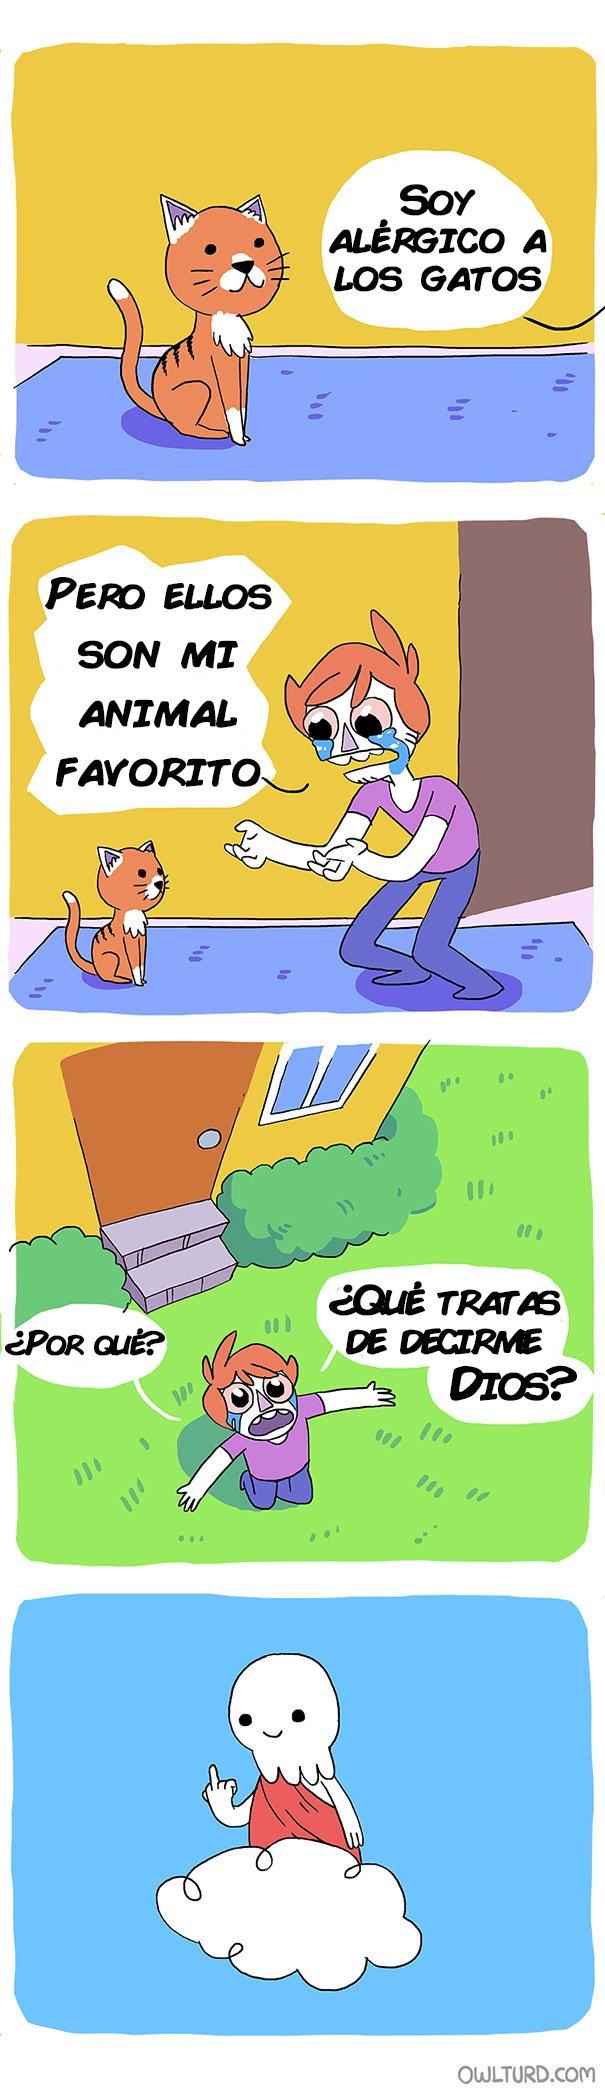 divertidos comics de owlturd y la vida de adulto 9